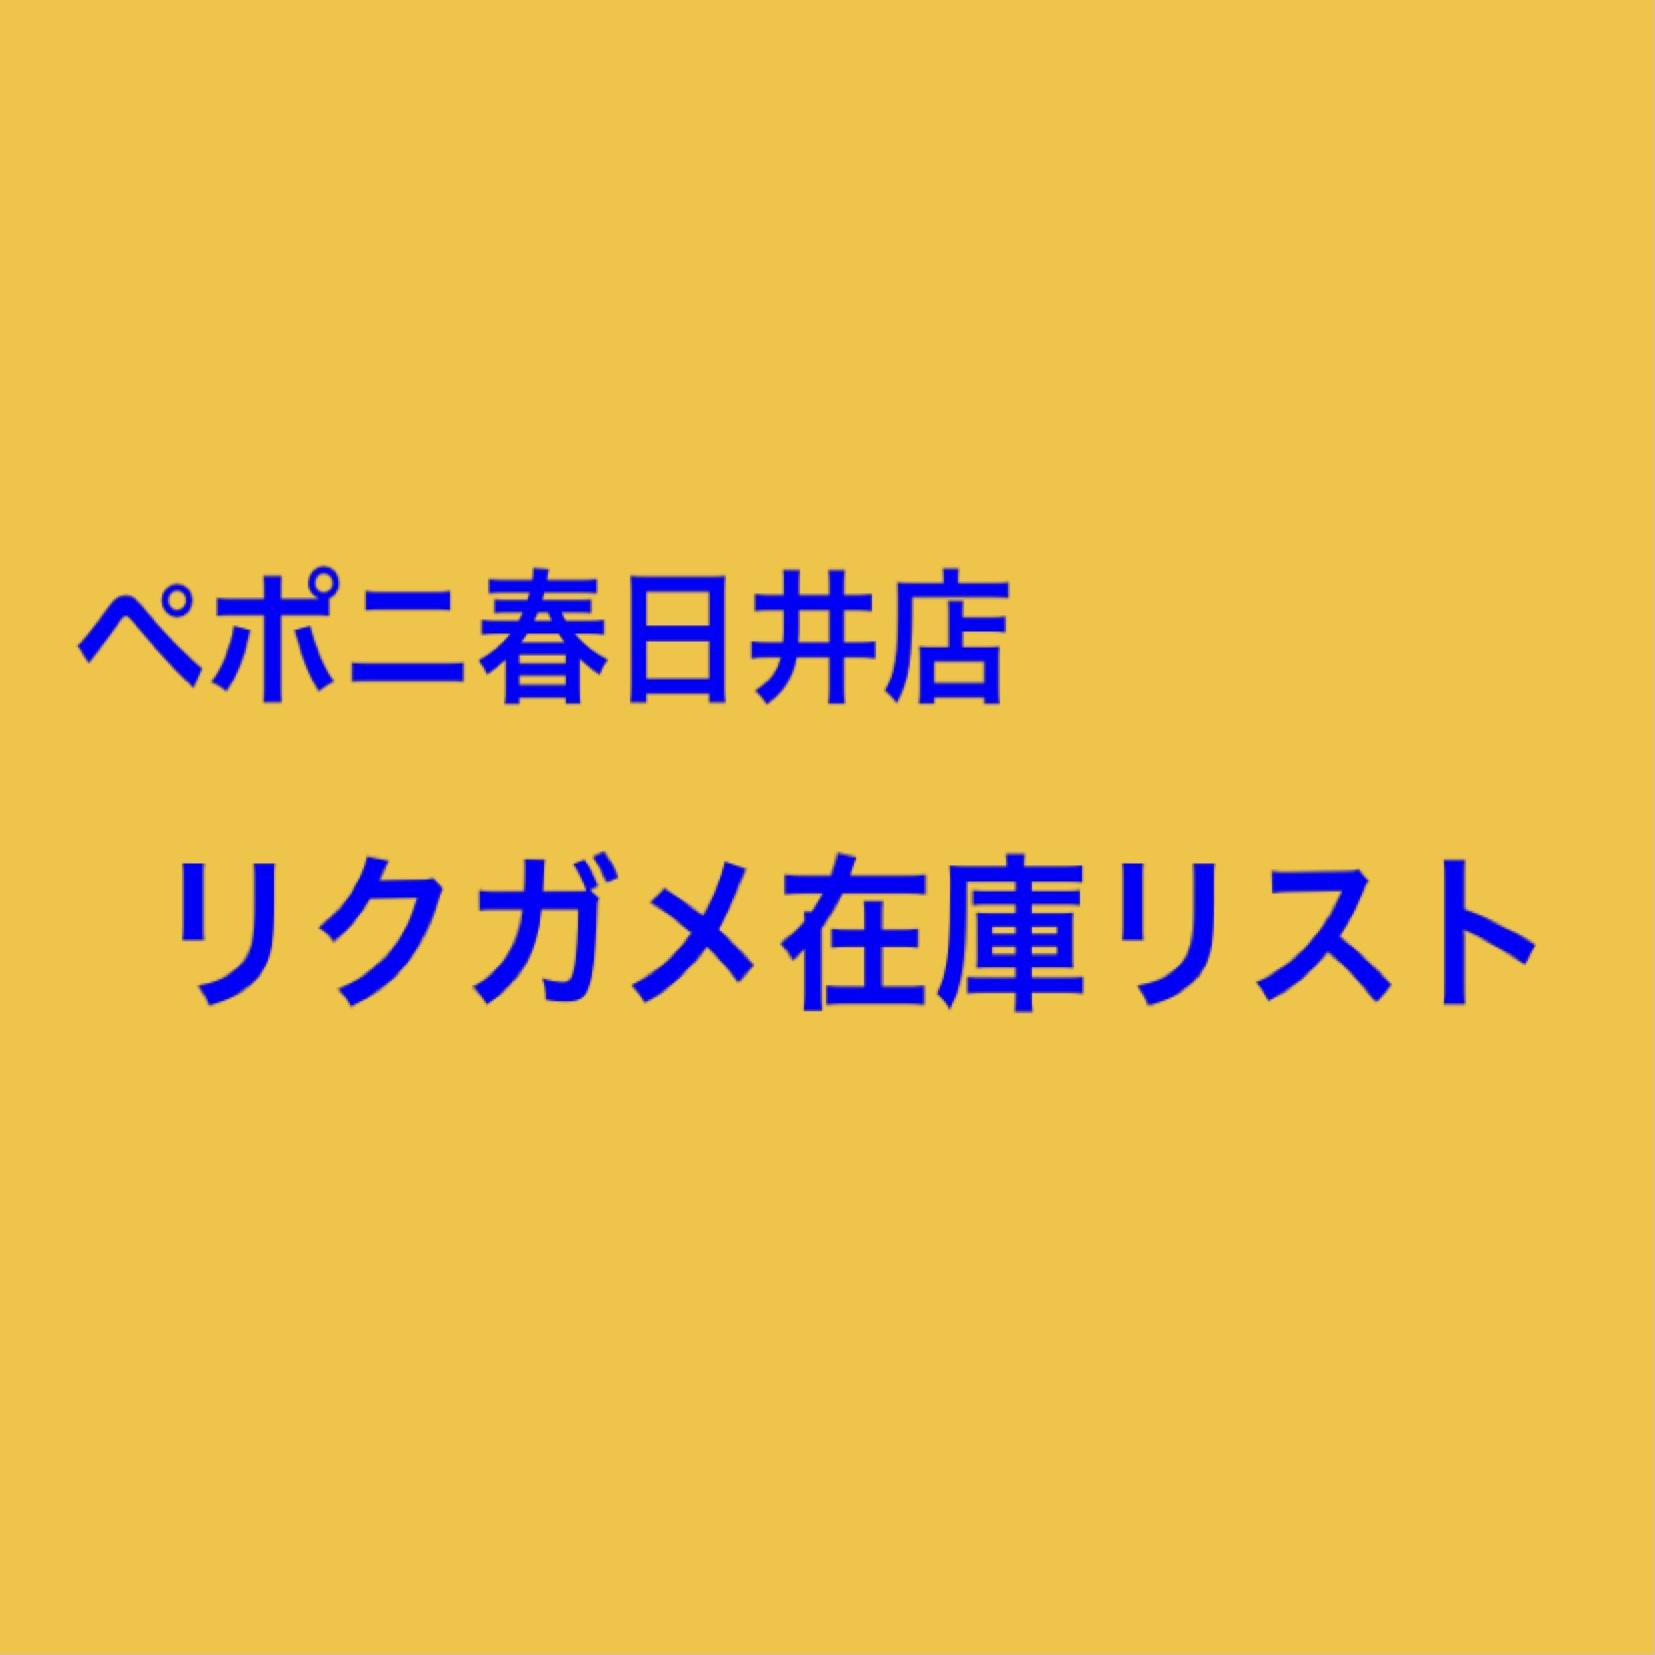 【春ペポニ】店内在庫リスト(リクガメ編)